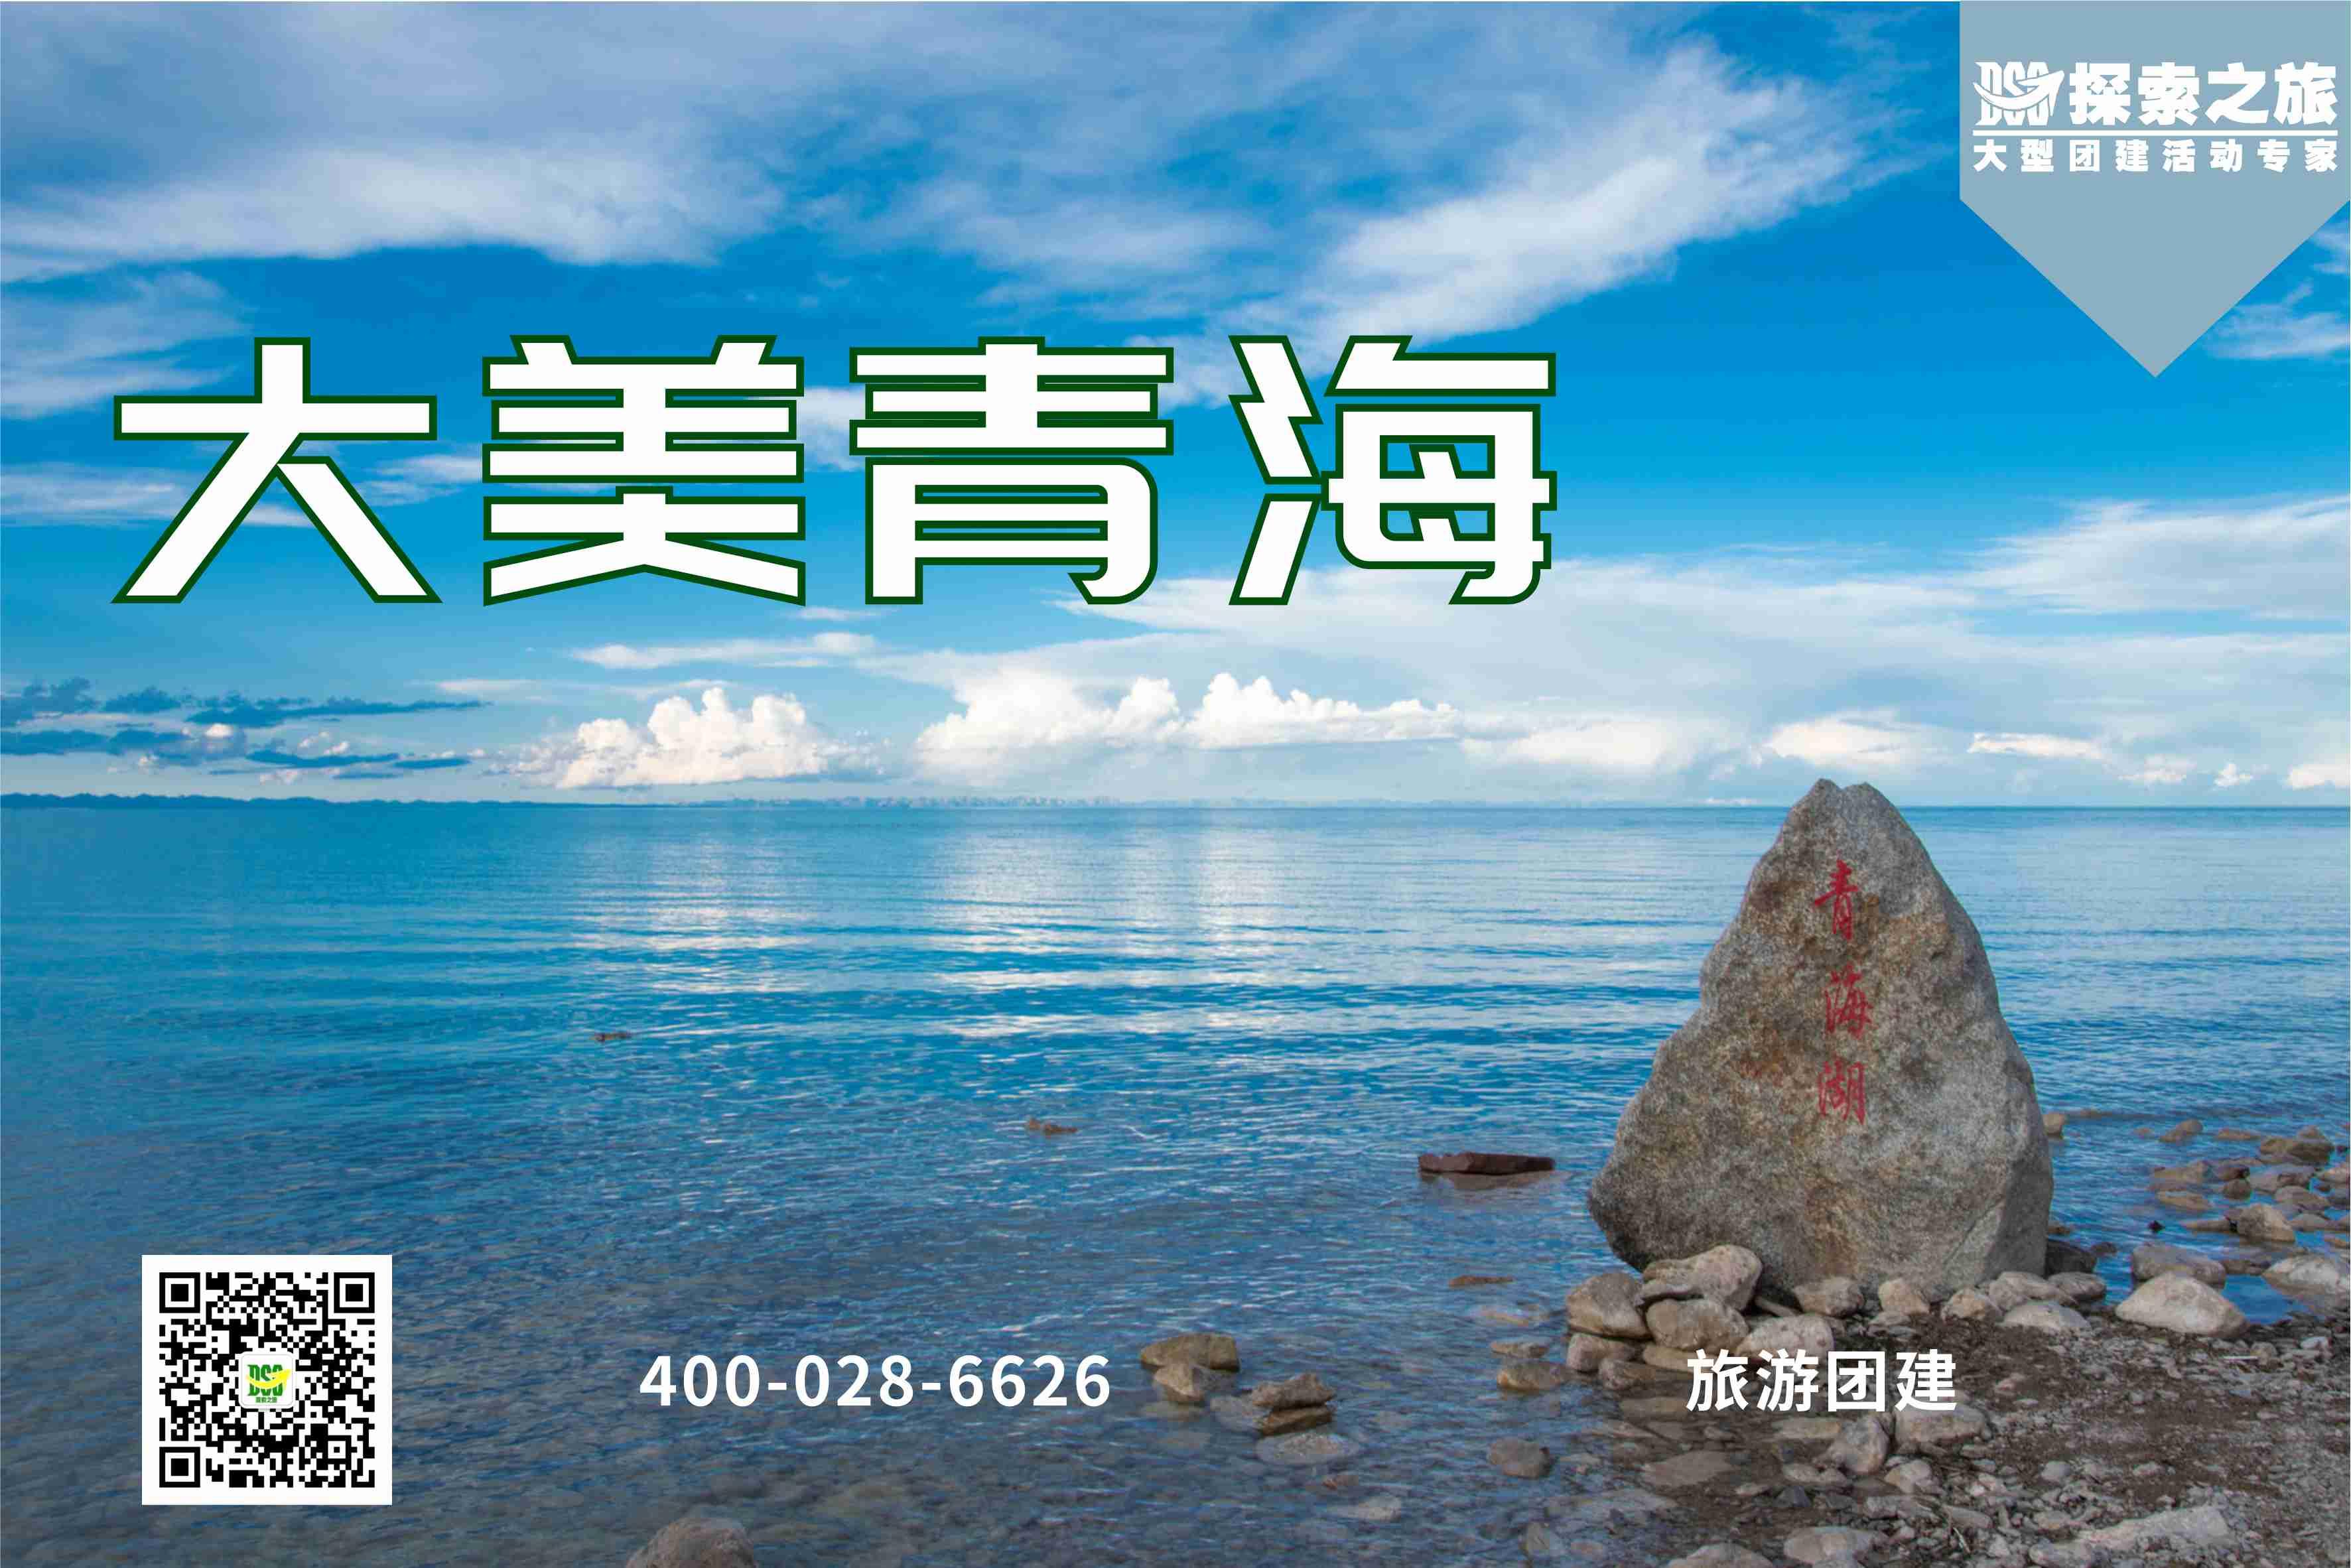 【旅行团建】大美青海